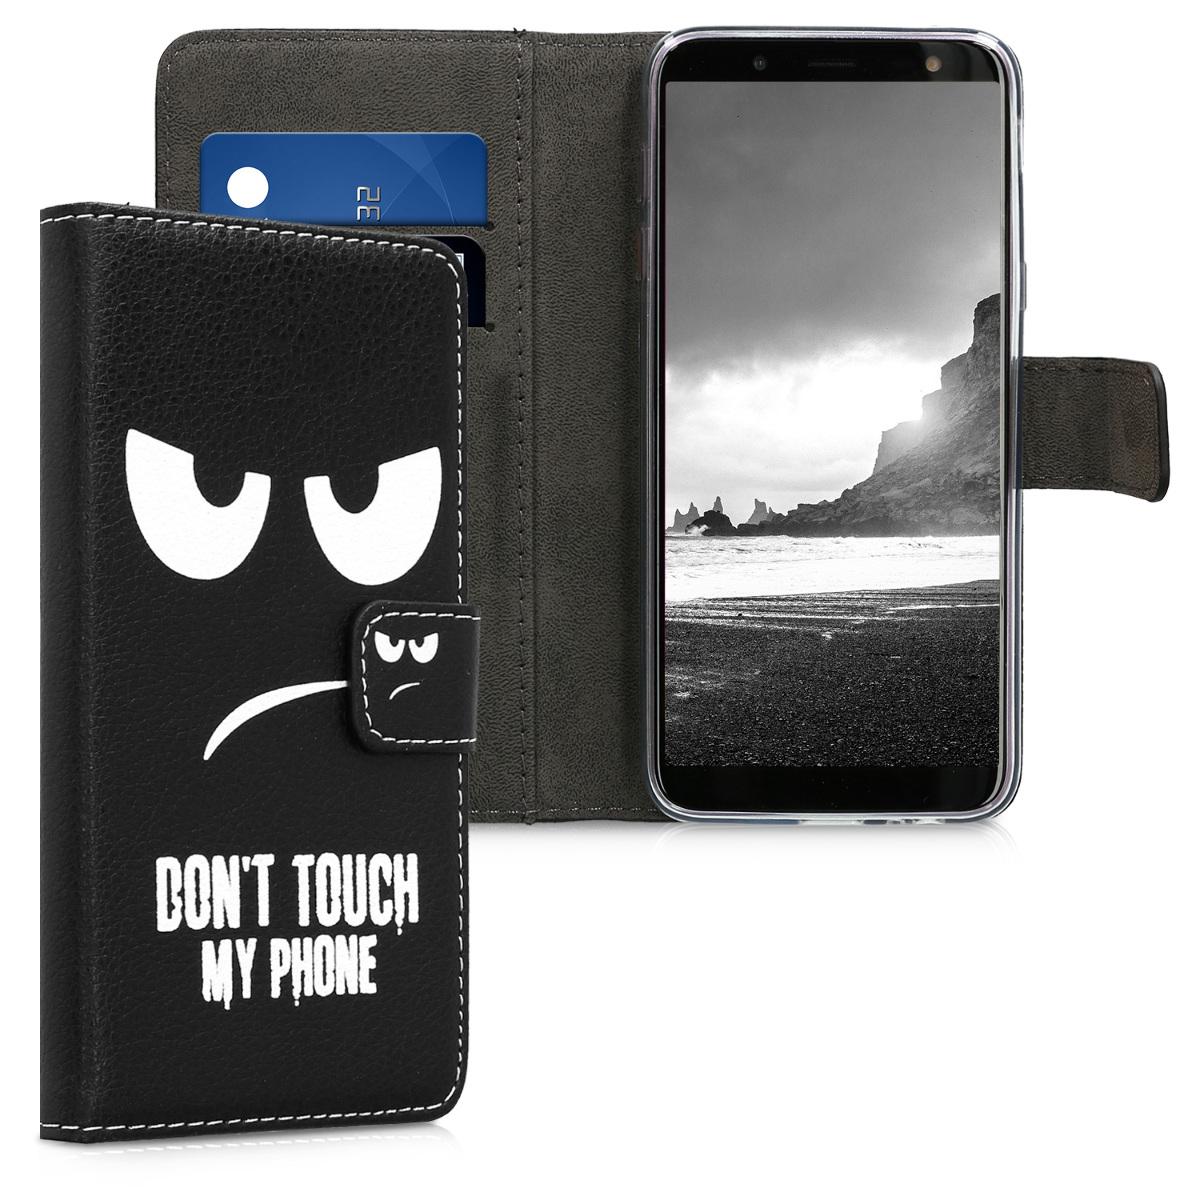 KW Θήκη Πορτοφόλι Samsung Galaxy J6 - White / Black (45802.01)